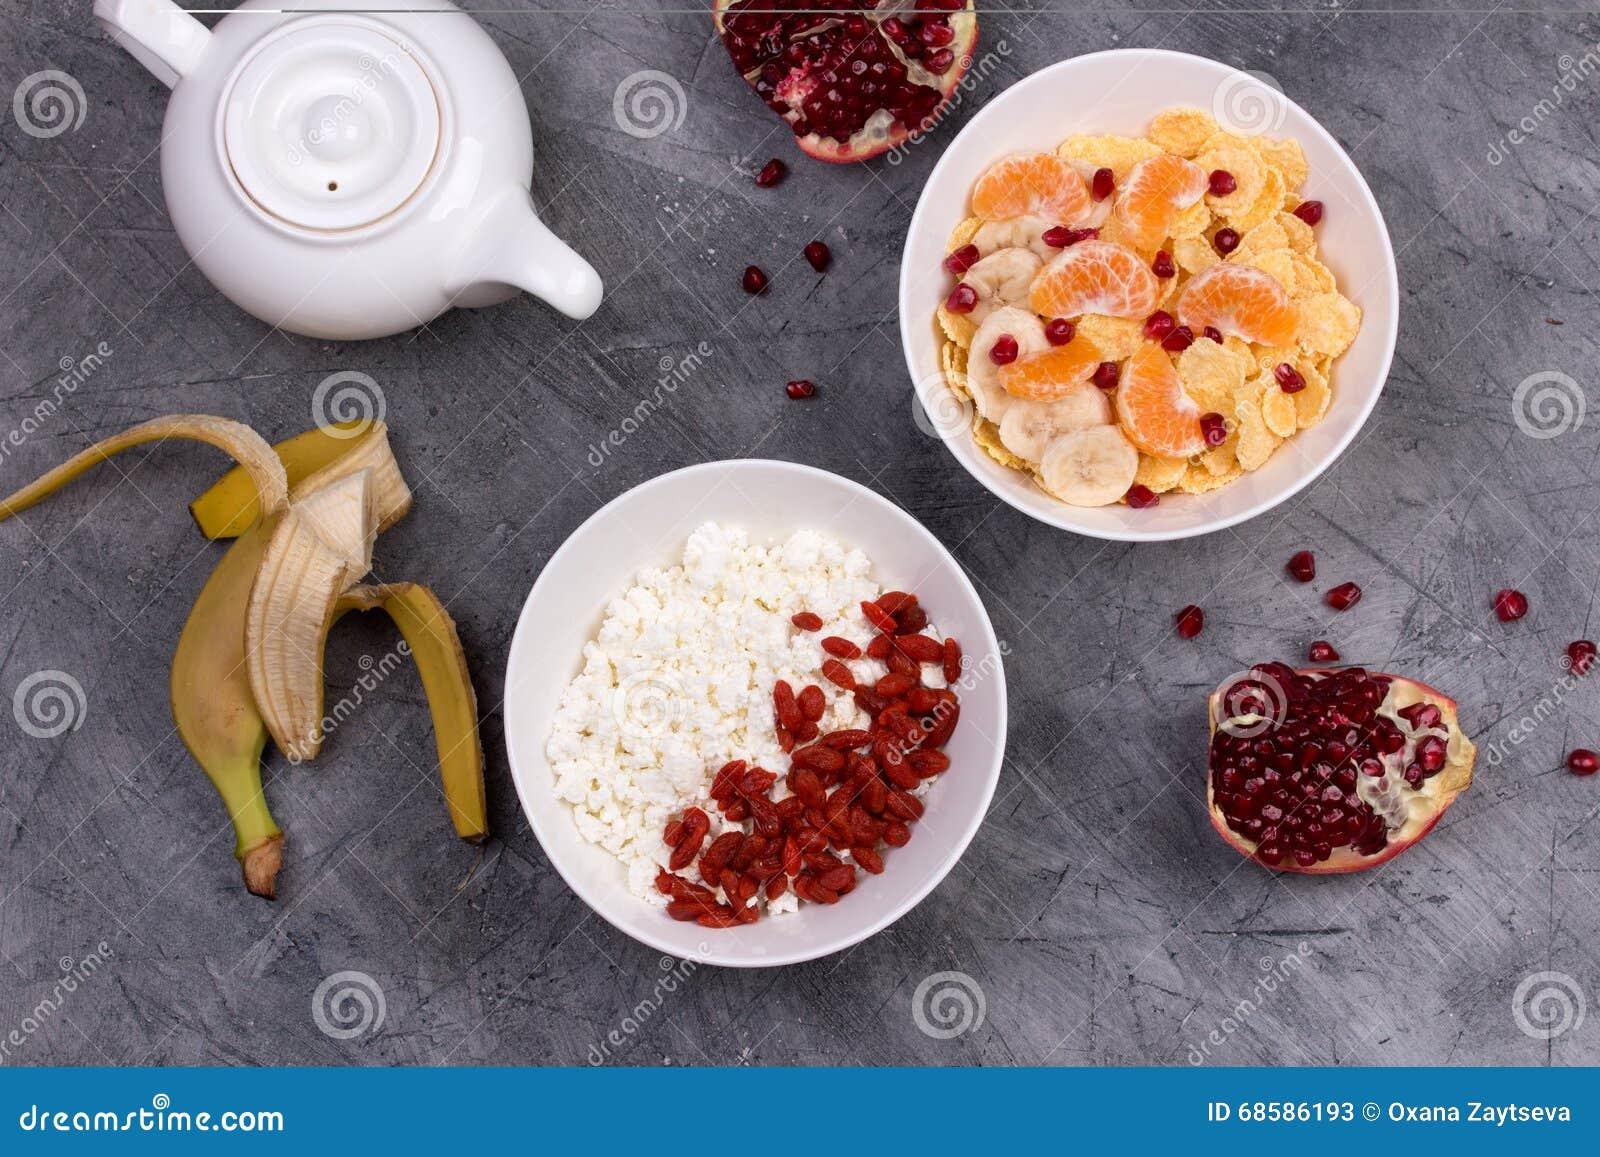 petit d jeuner sain flocons d 39 avoine goji fromage blanc lait et fruit image stock image. Black Bedroom Furniture Sets. Home Design Ideas